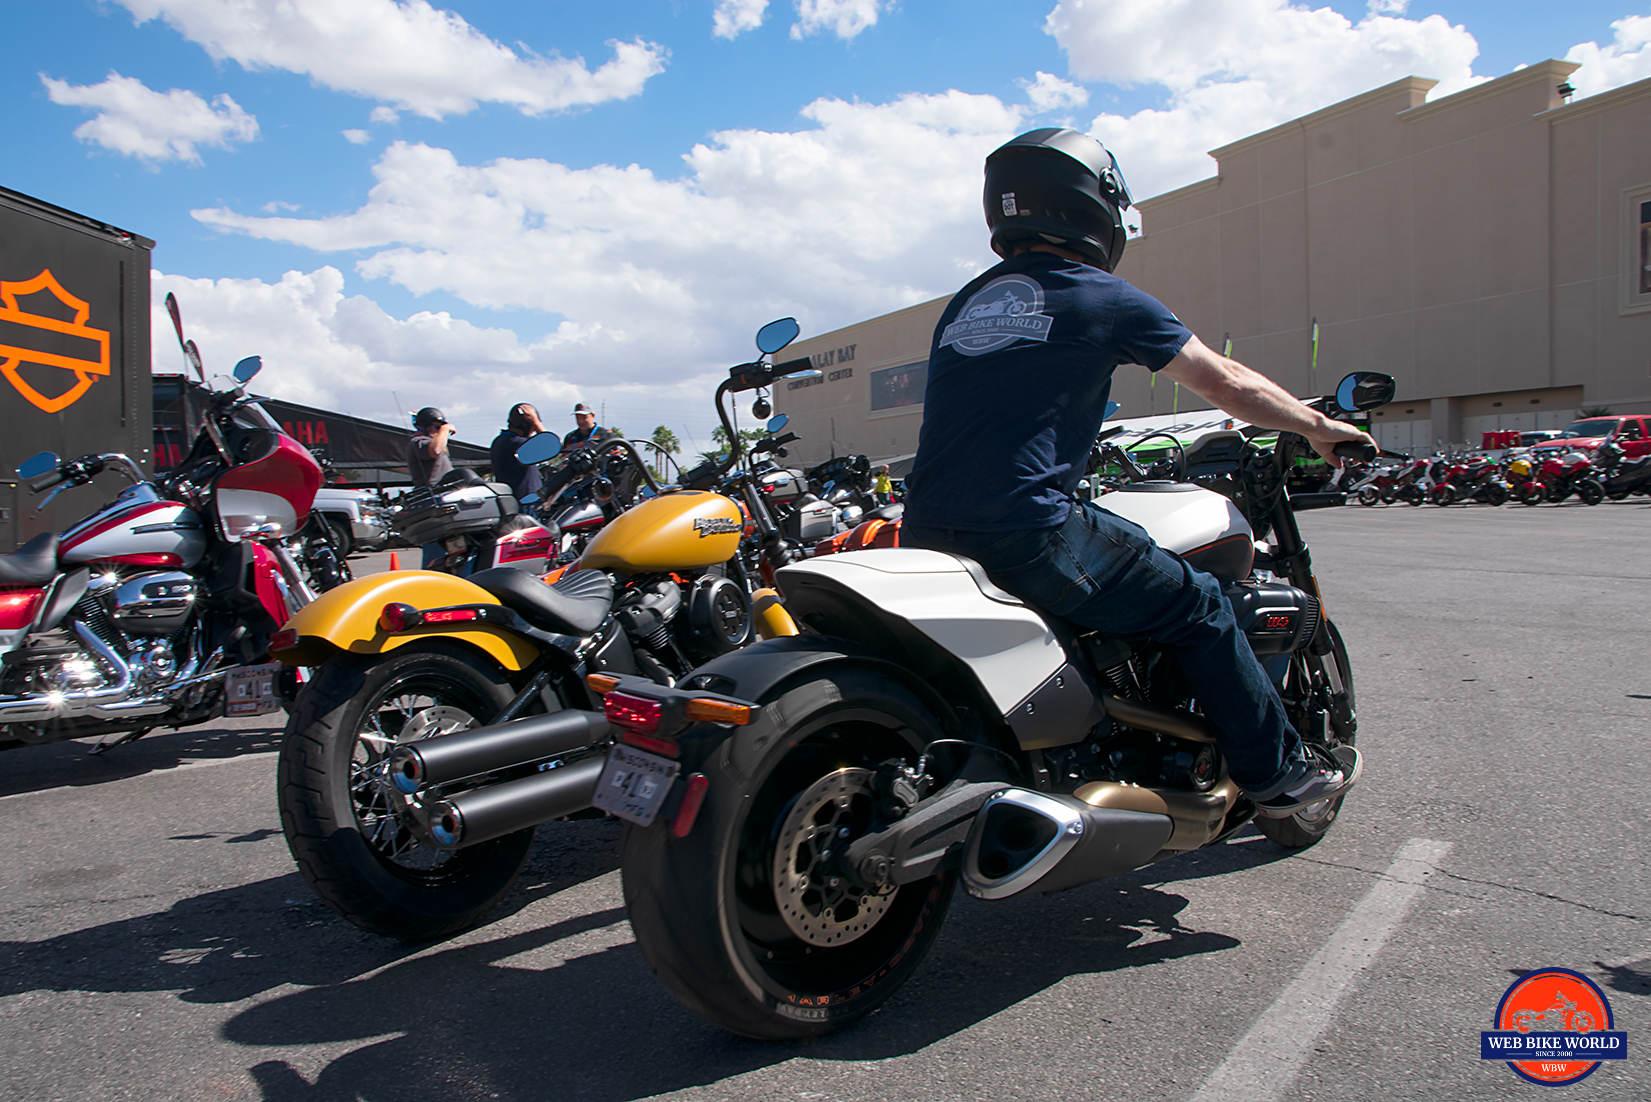 2019 Harley Davidson FXDR Test Ride